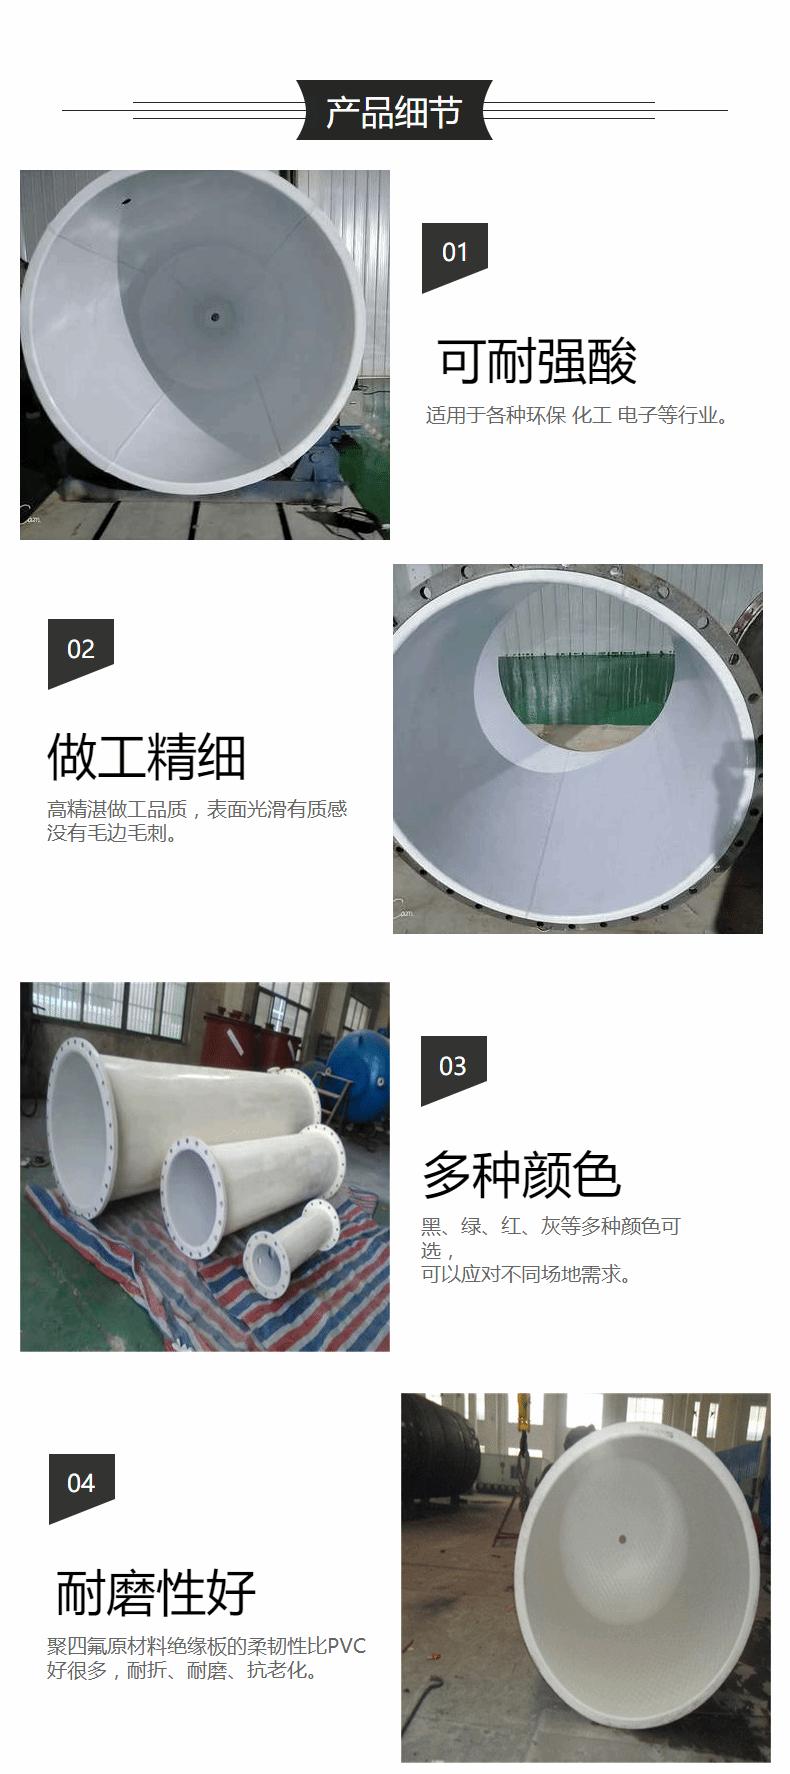 钢衬四氟储罐(贮槽、贮罐、槽罐)、PTFE四氟储罐